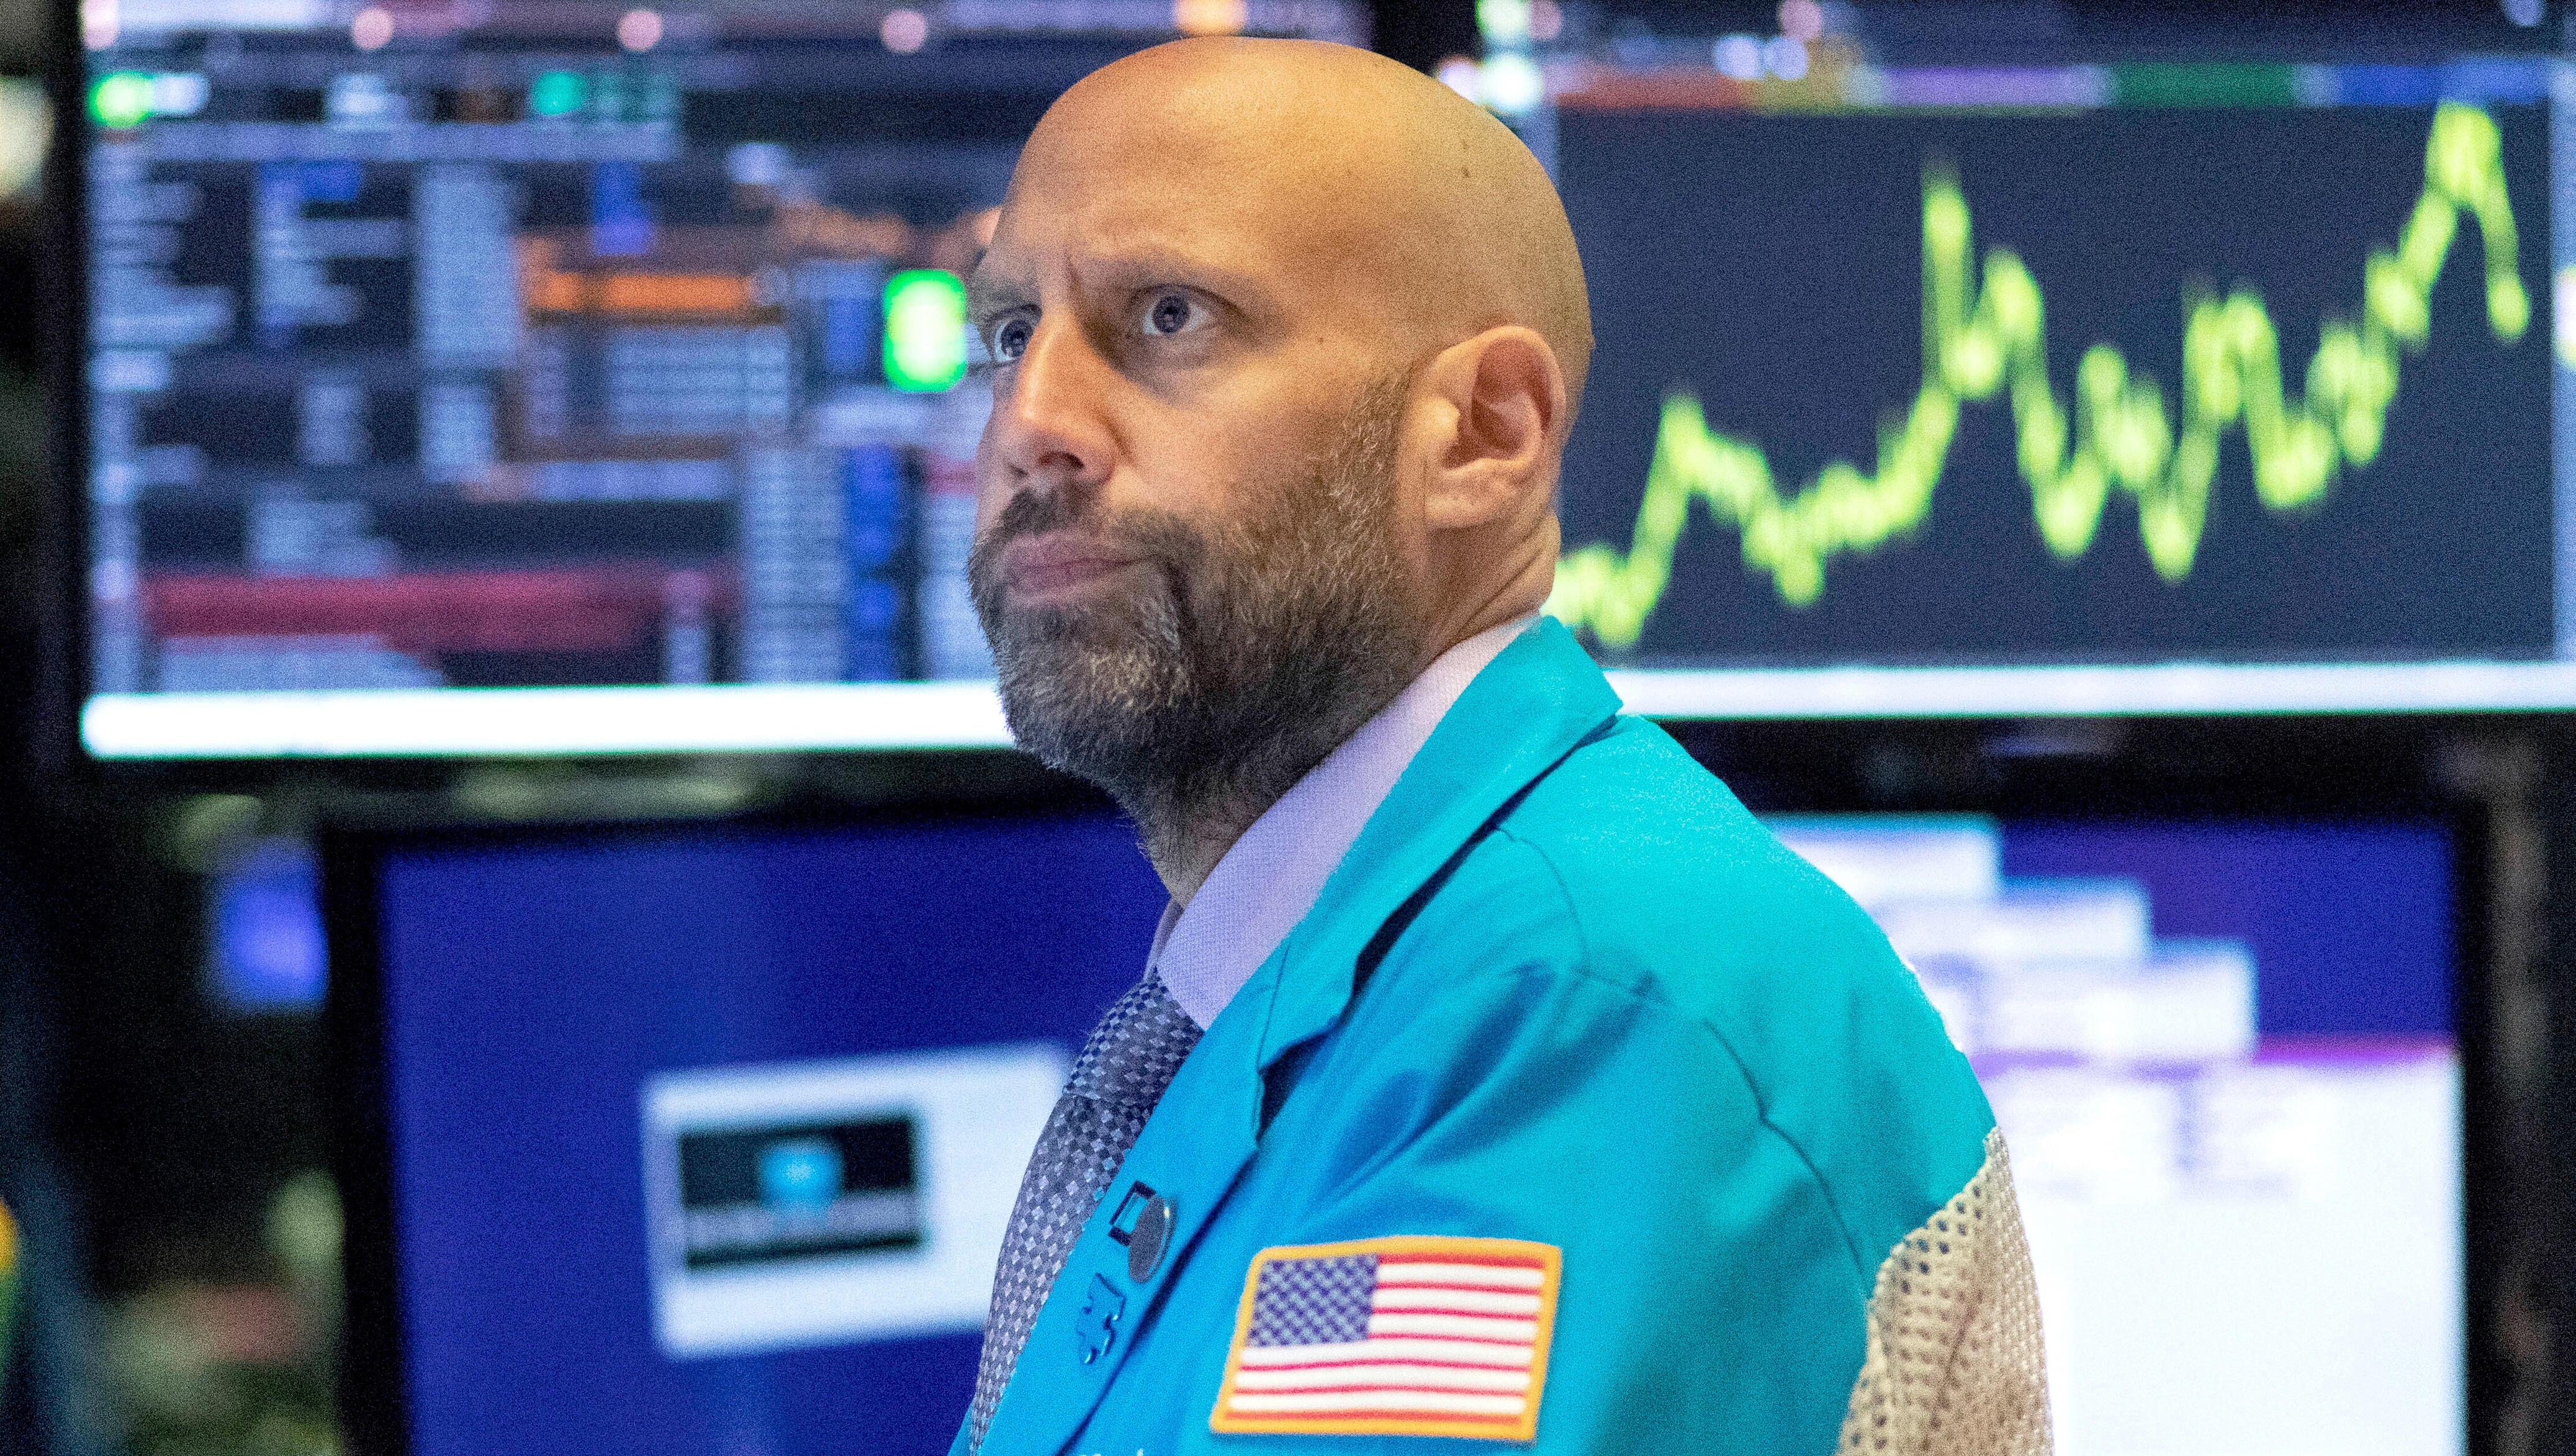 Unternehmen kaufen Rekordmengen ihrer eigenen Aktien